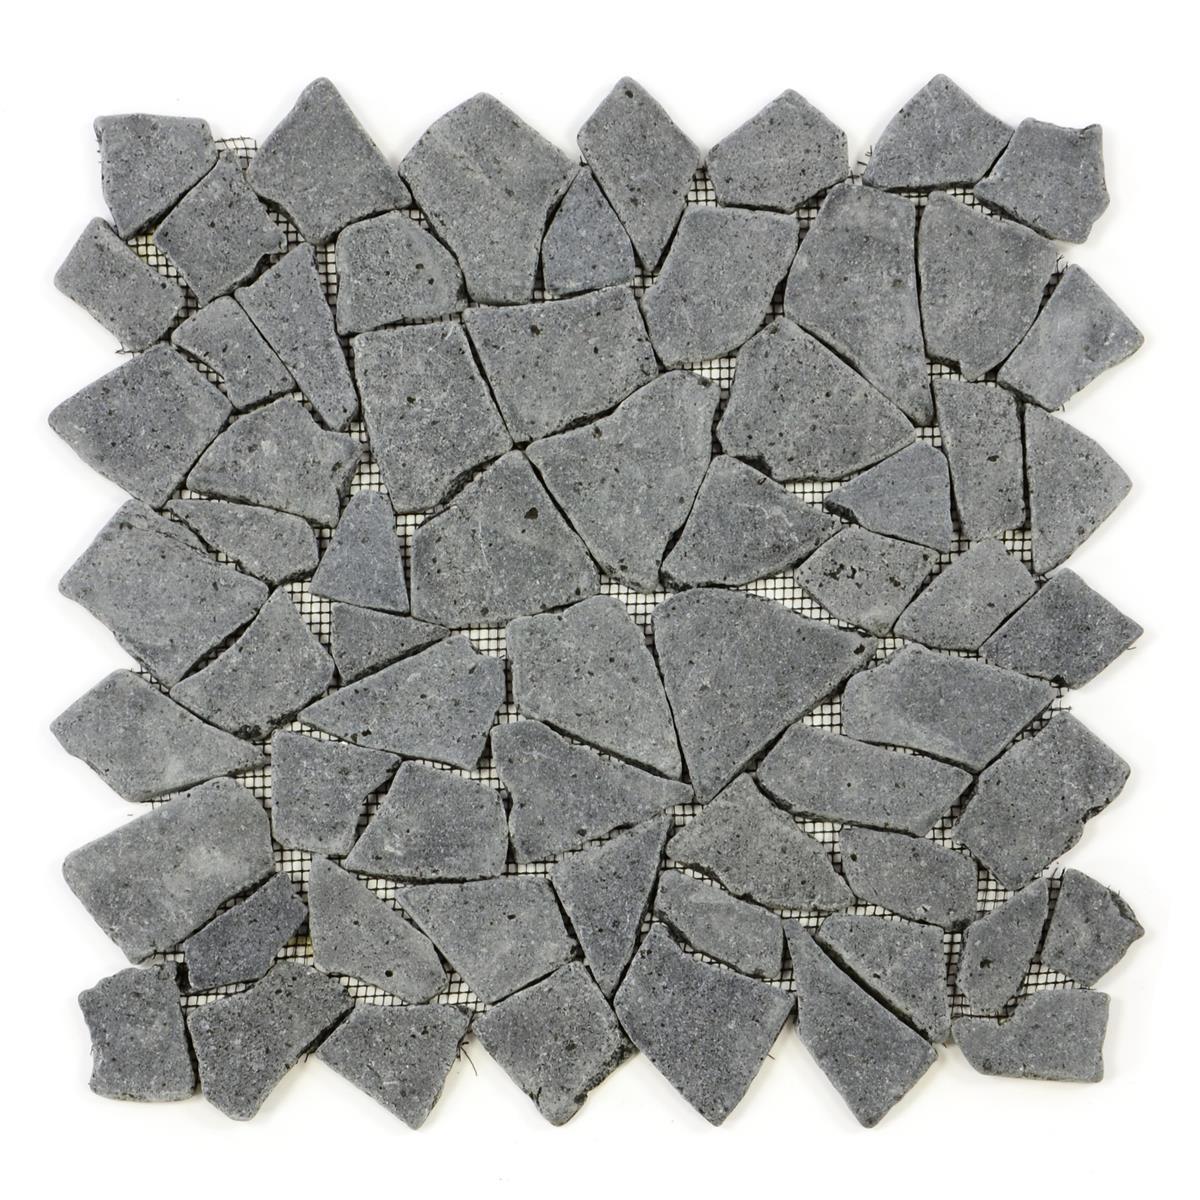 DIVERO 1 Fliesenmatte Mosaik Andesit für Wand und Boden grau á 35 x 35 cm